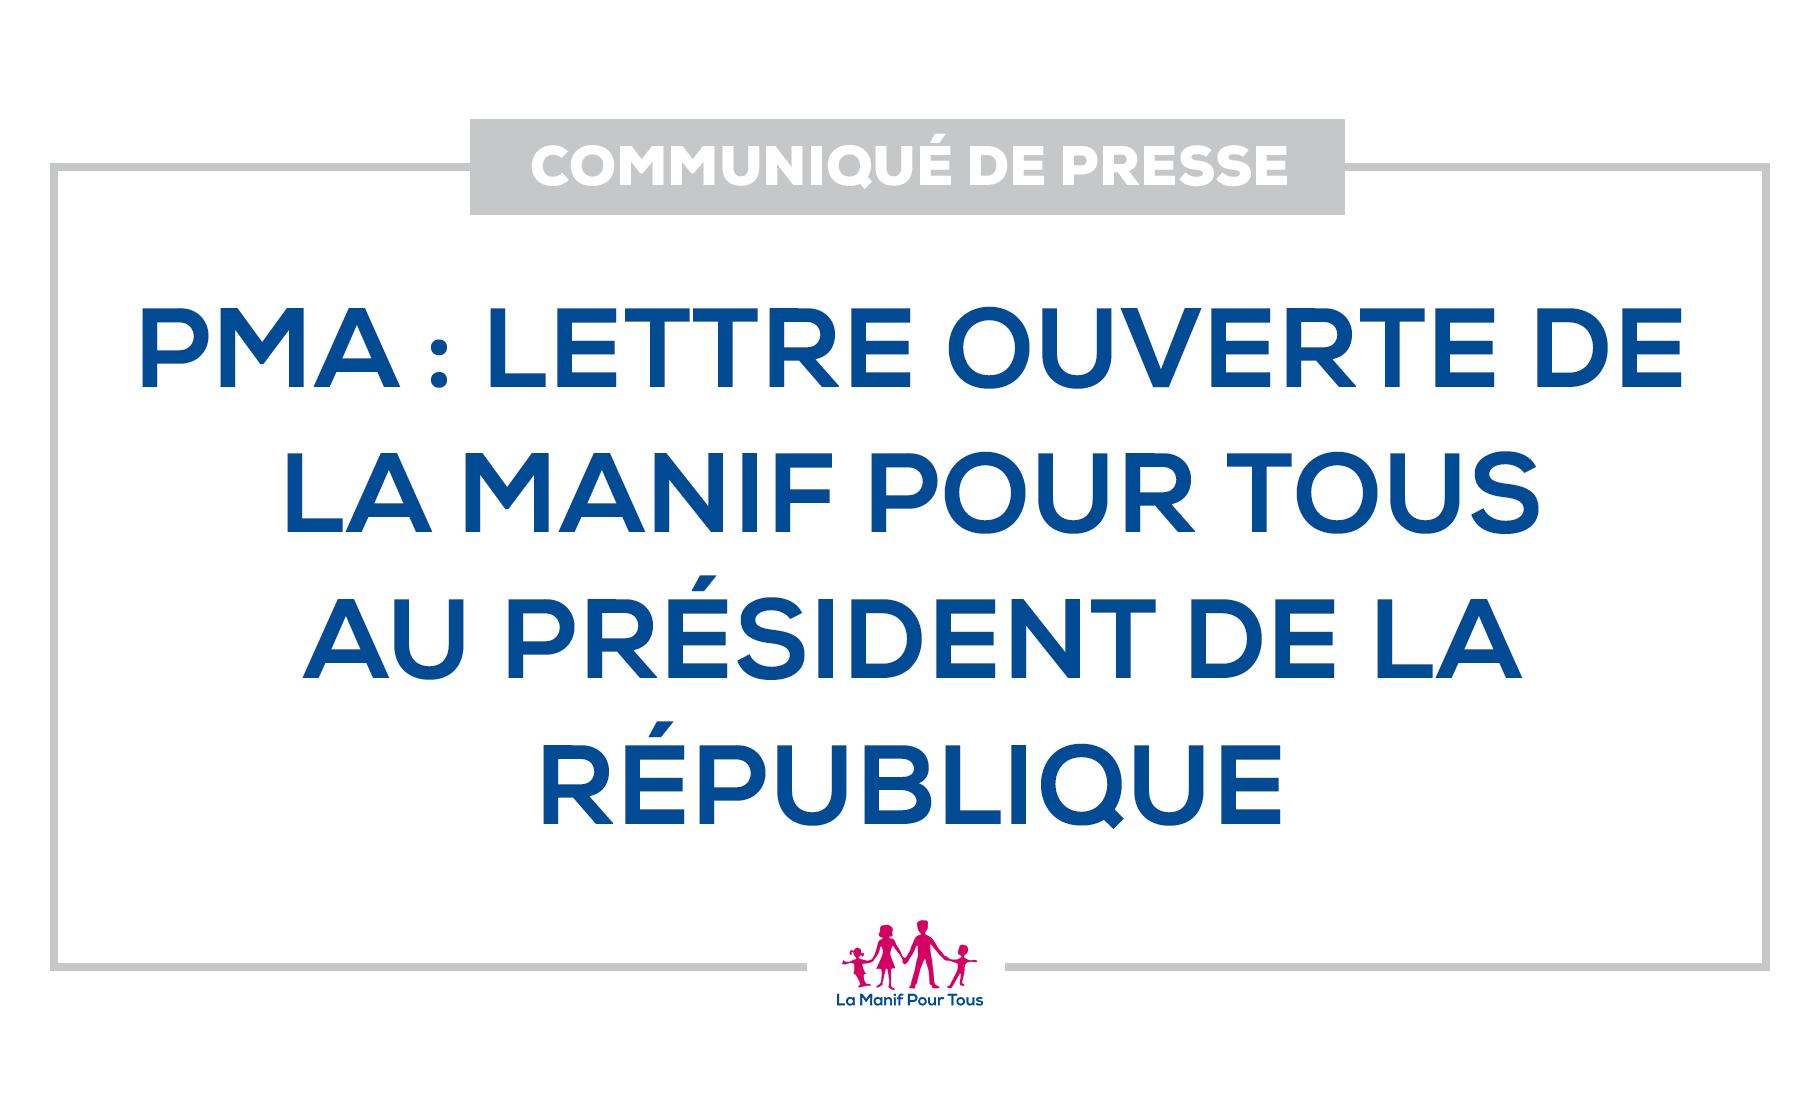 Image - Communiqué de presse – Lettre ouverte de La Manif Pour Tous au Président de la République